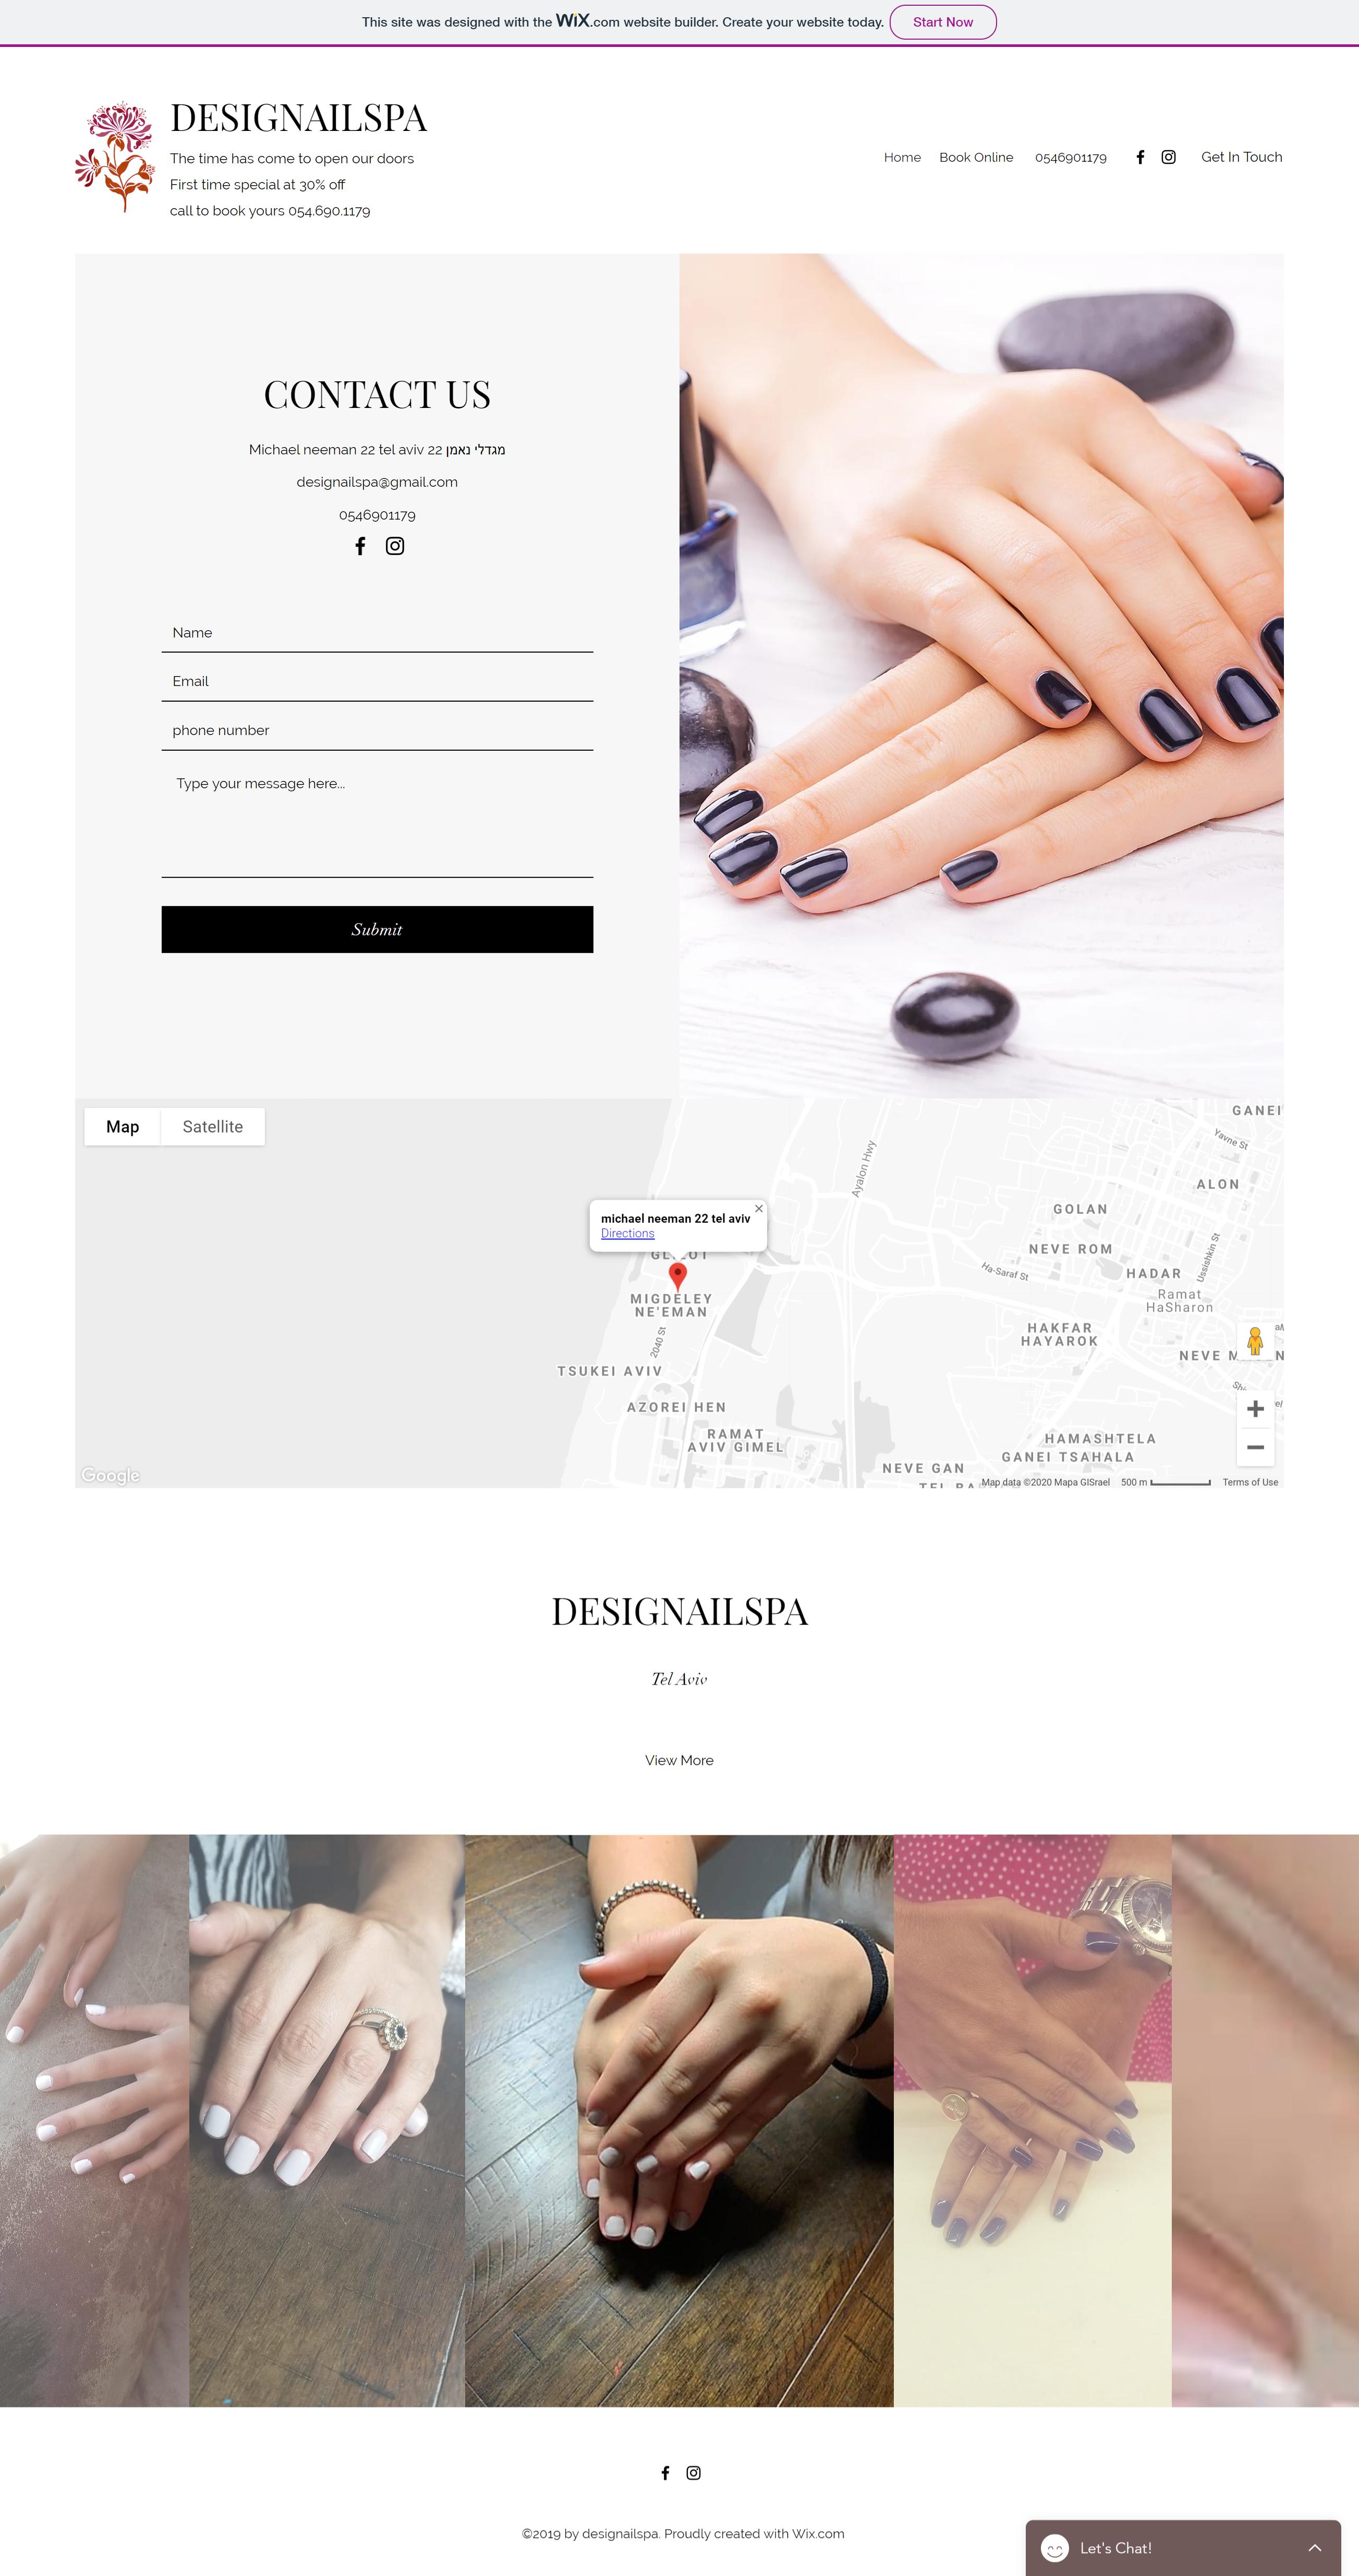 www.yungadesign.wixsite.com/designailspa